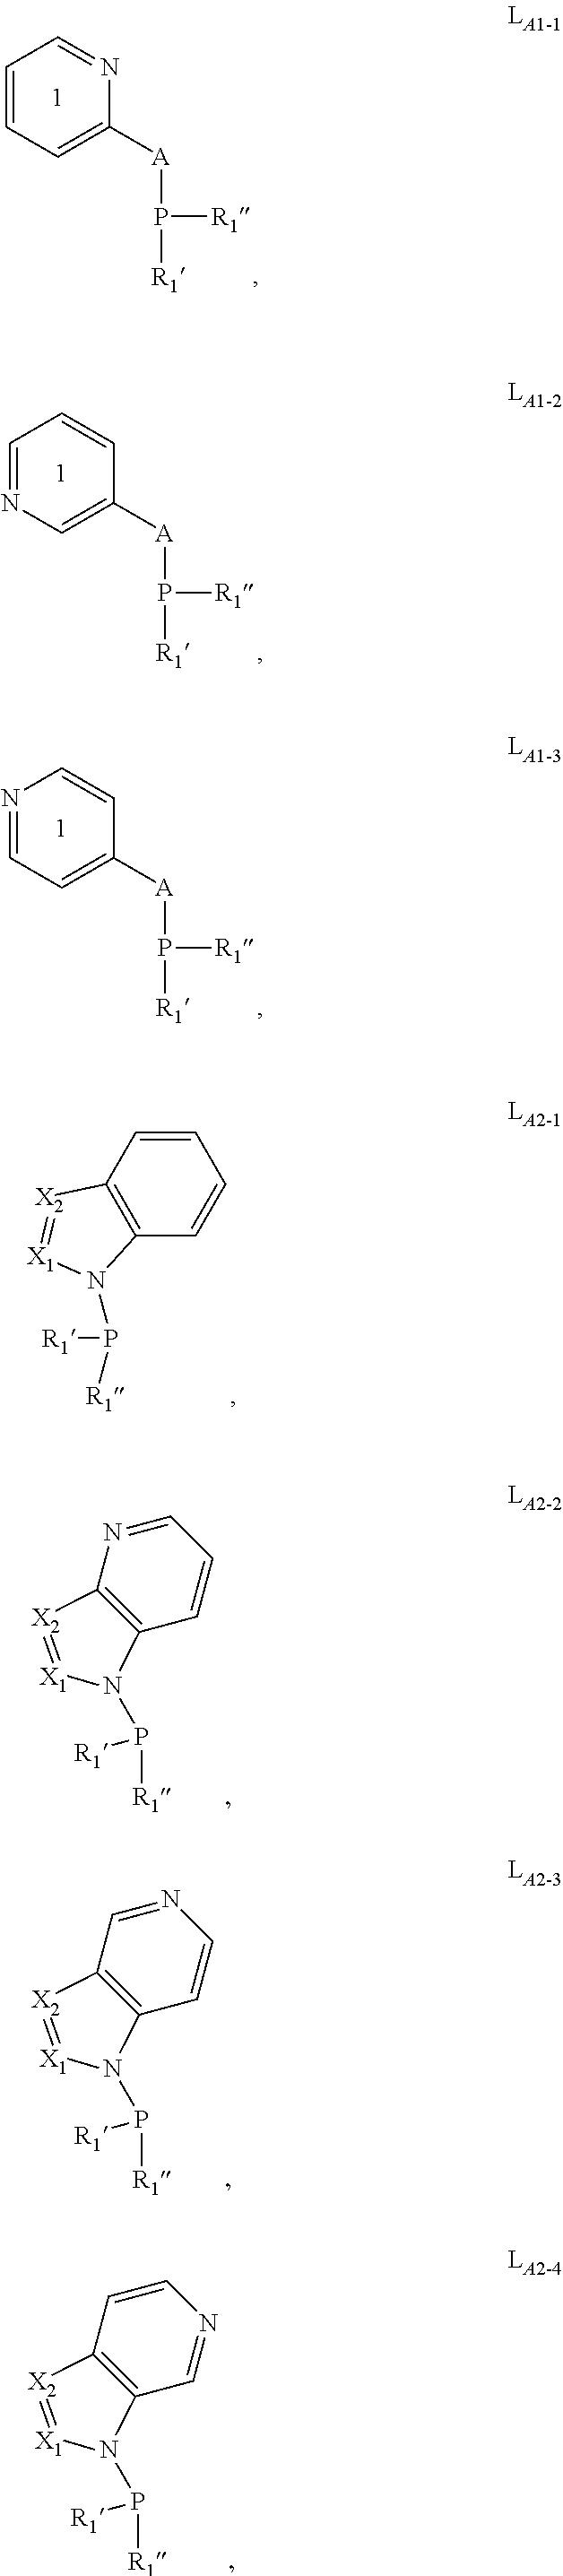 Figure US10121975-20181106-C00005